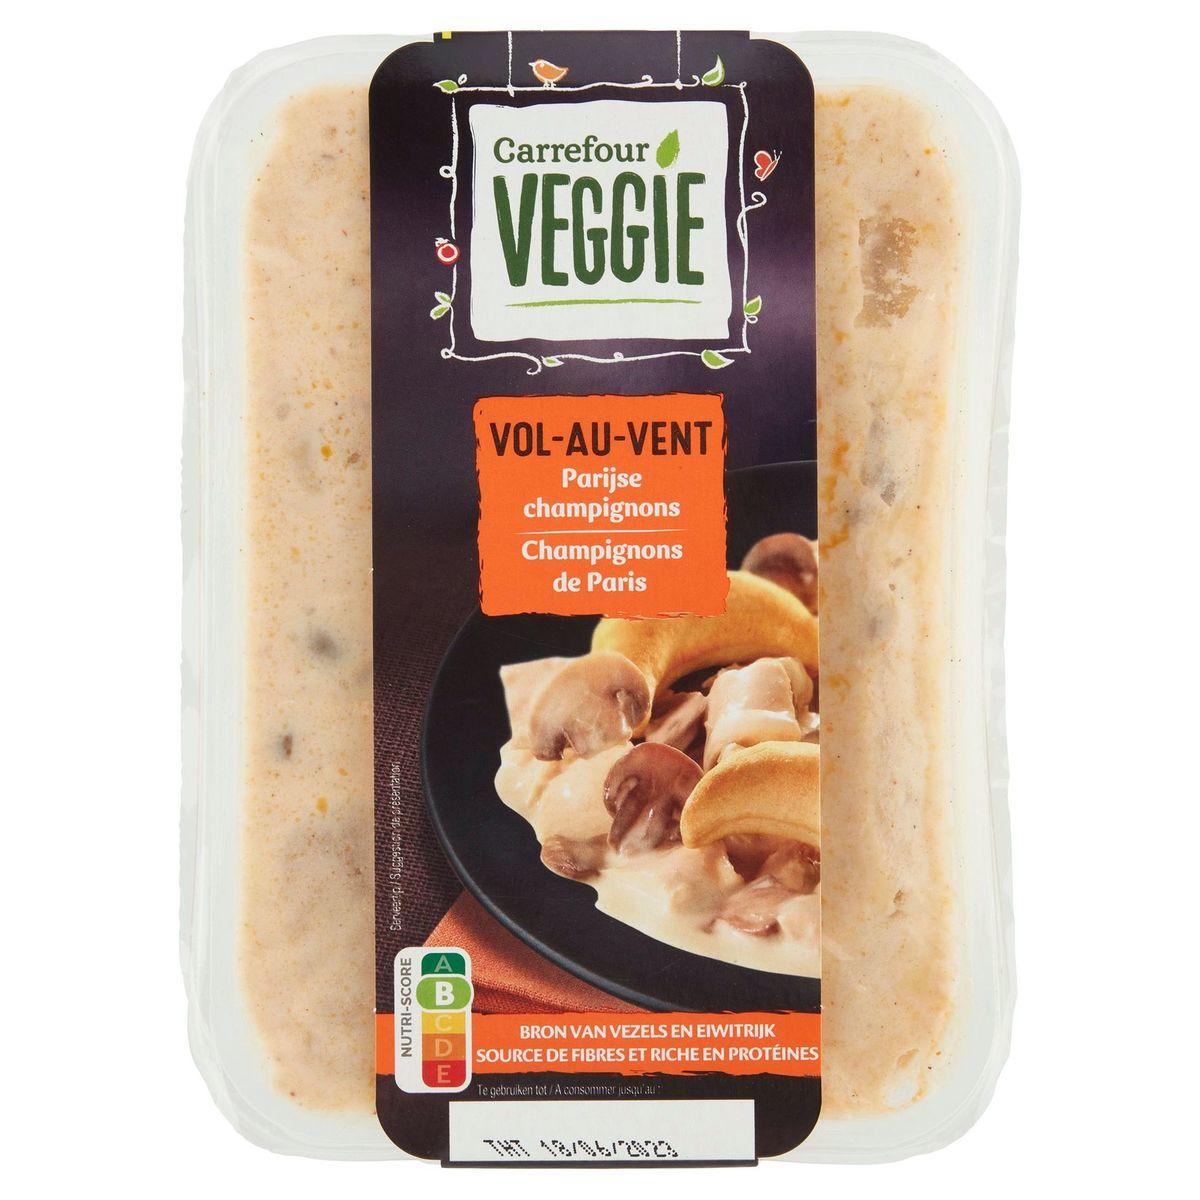 Carrefour Veggie Vol-au-Vent Parijse Champignons 500 g